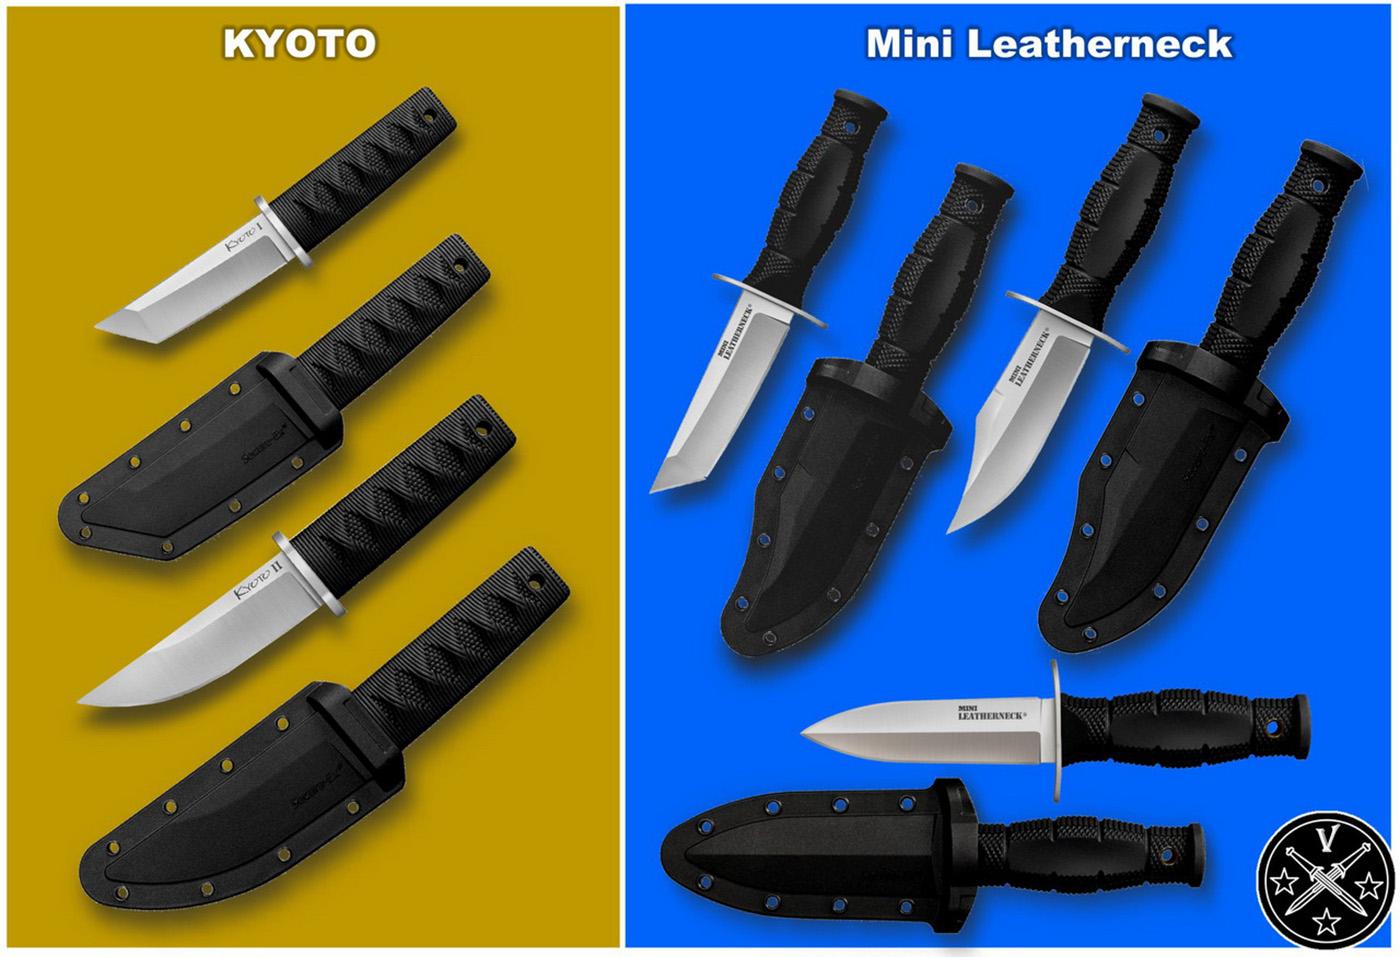 Слева - серия «Kyoto», справа – серия «Mini Leatherneck»